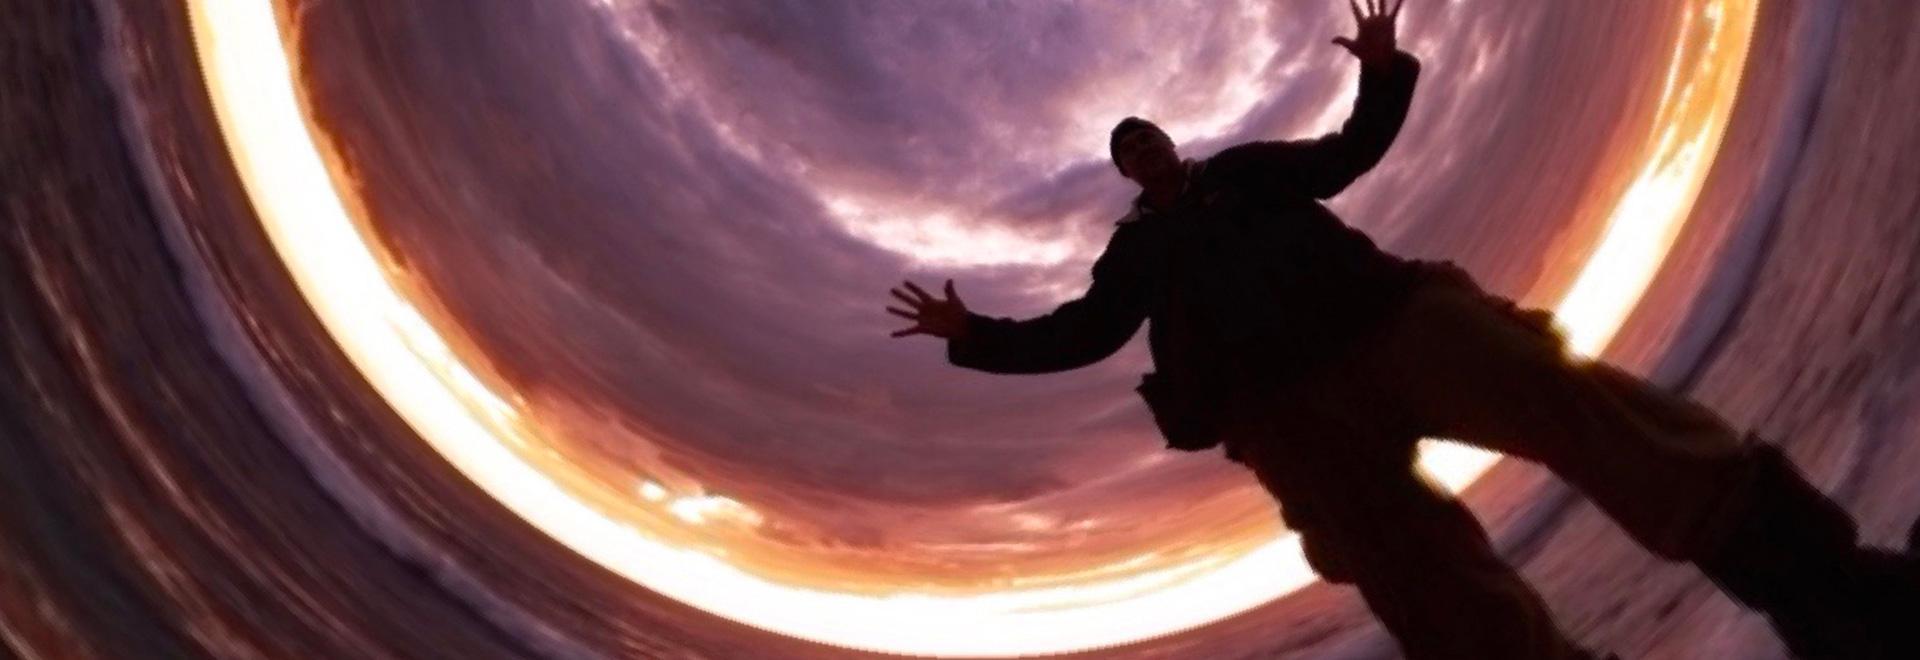 Esistono i confini dell'universo?